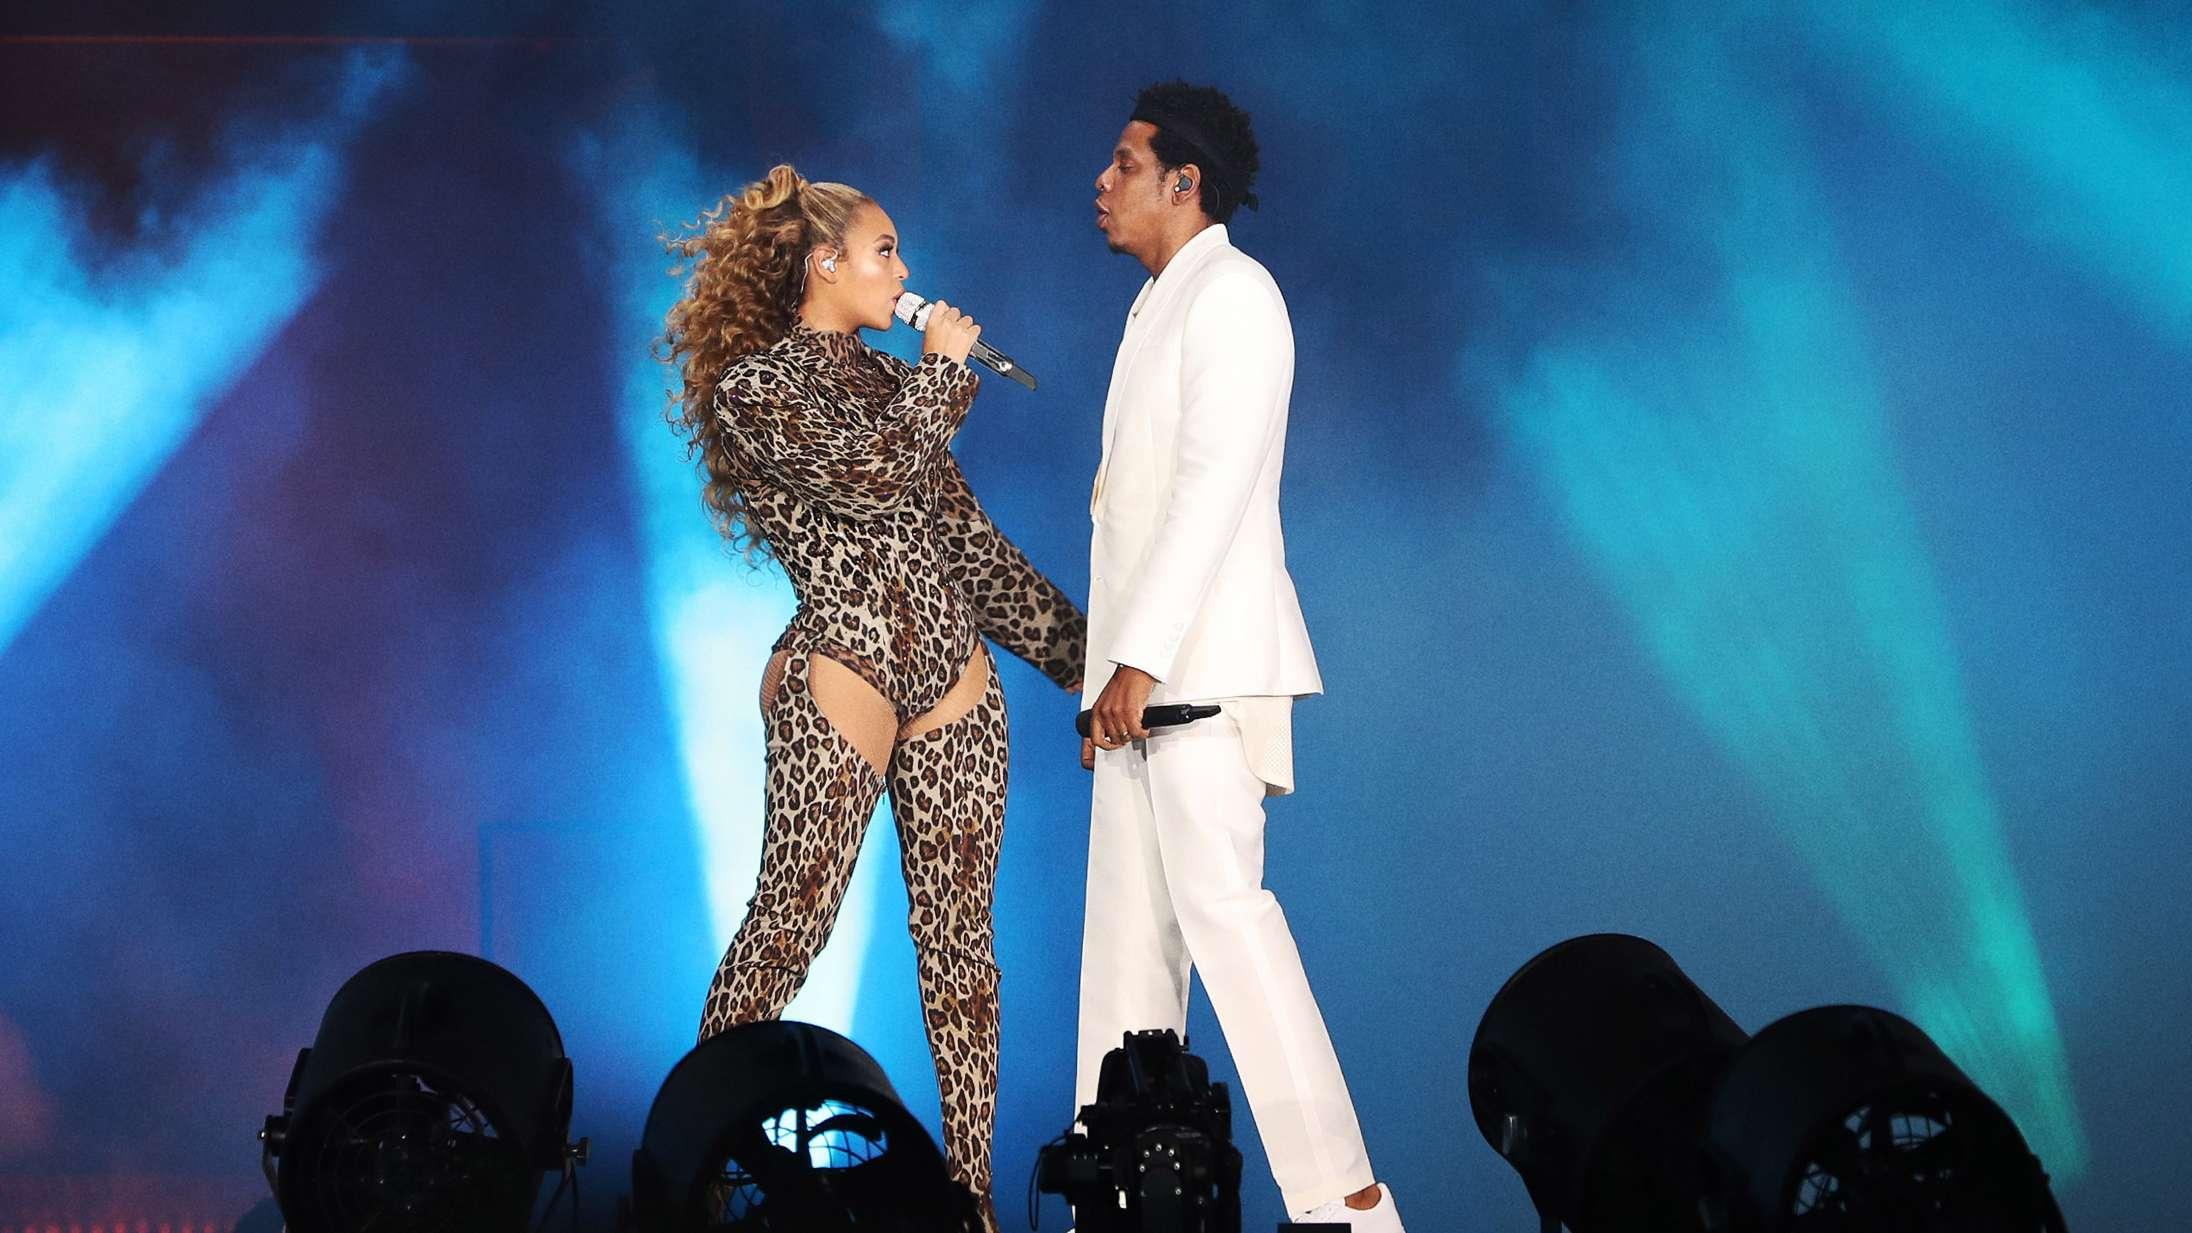 Beyoncé fejrer 20 års kærlighed med Jay-Z i ny video – og spiller cover af Audrey Hepburn-klassiker